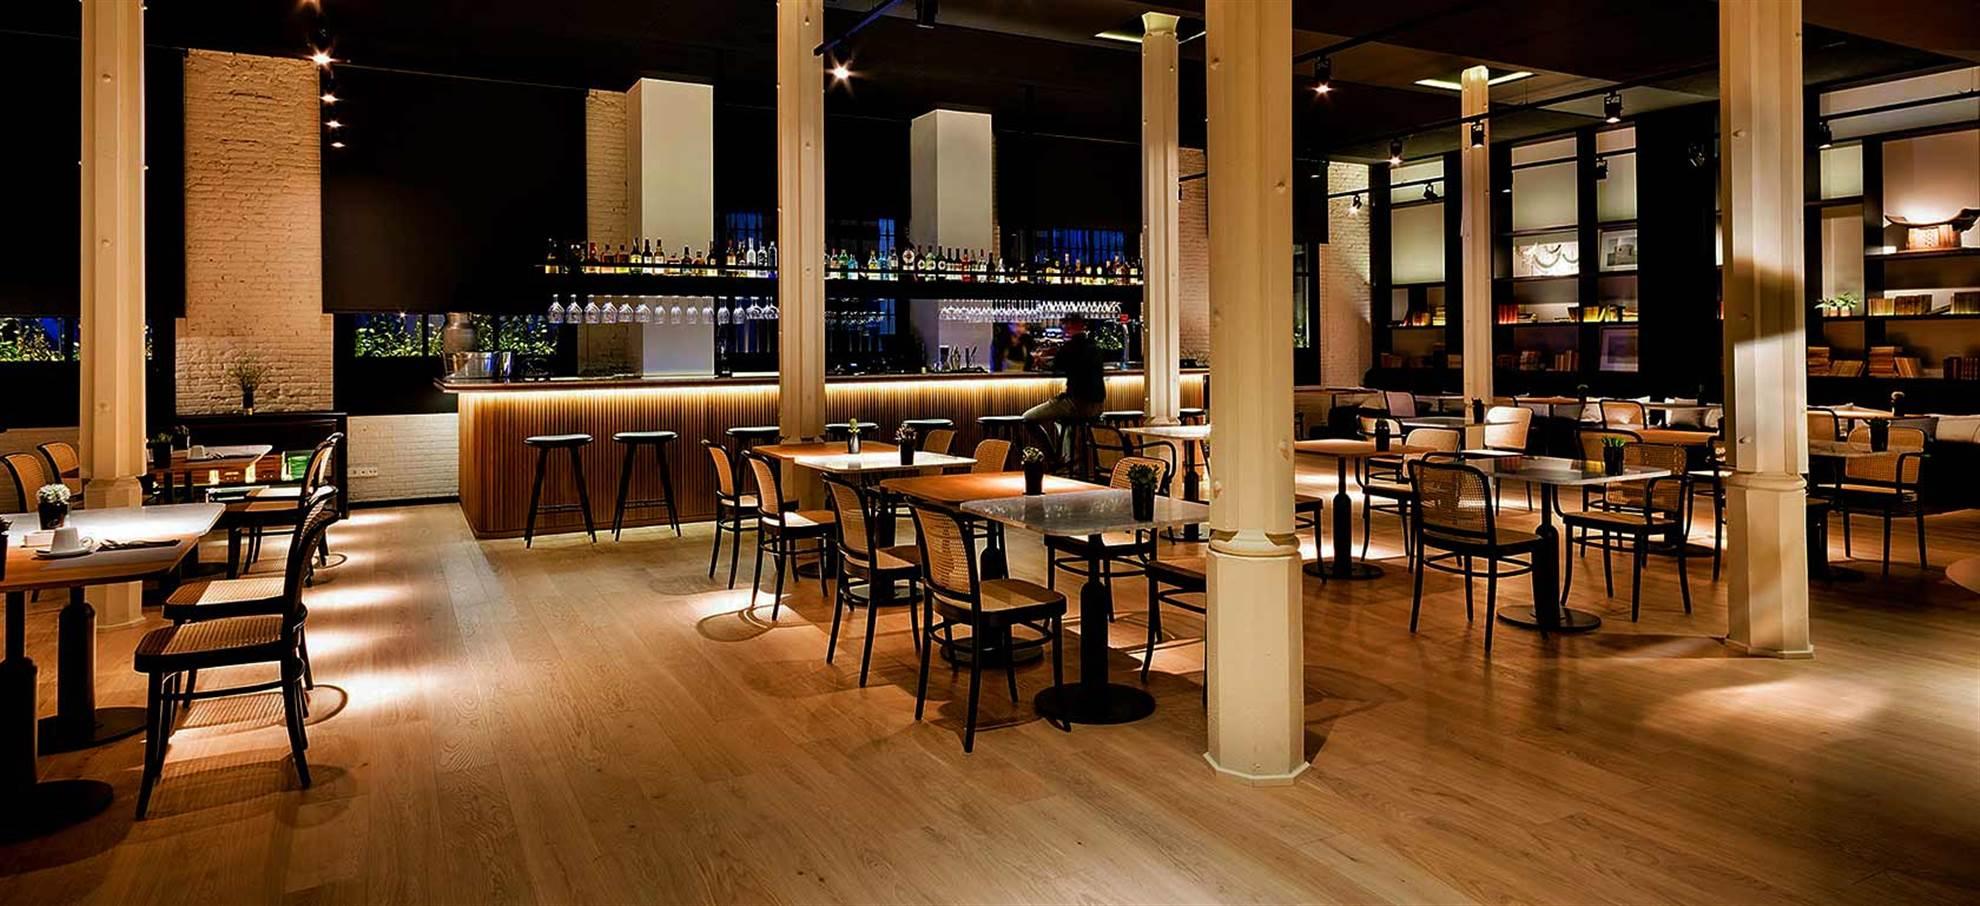 Cena catalana de lujo, asesoramiento de un chef con estrella Michelin